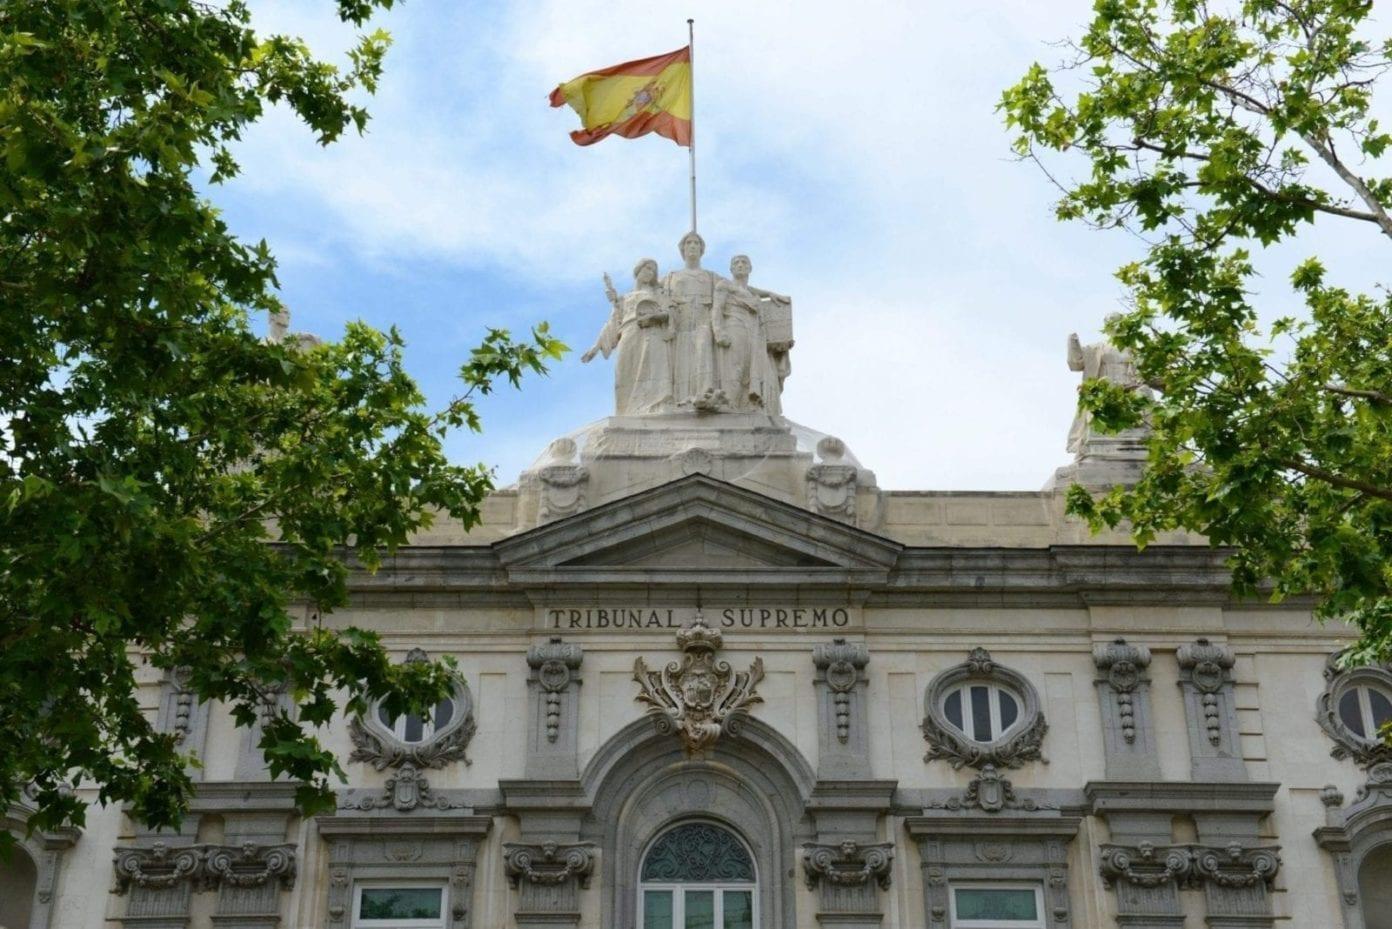 Tribunal Superior scaled